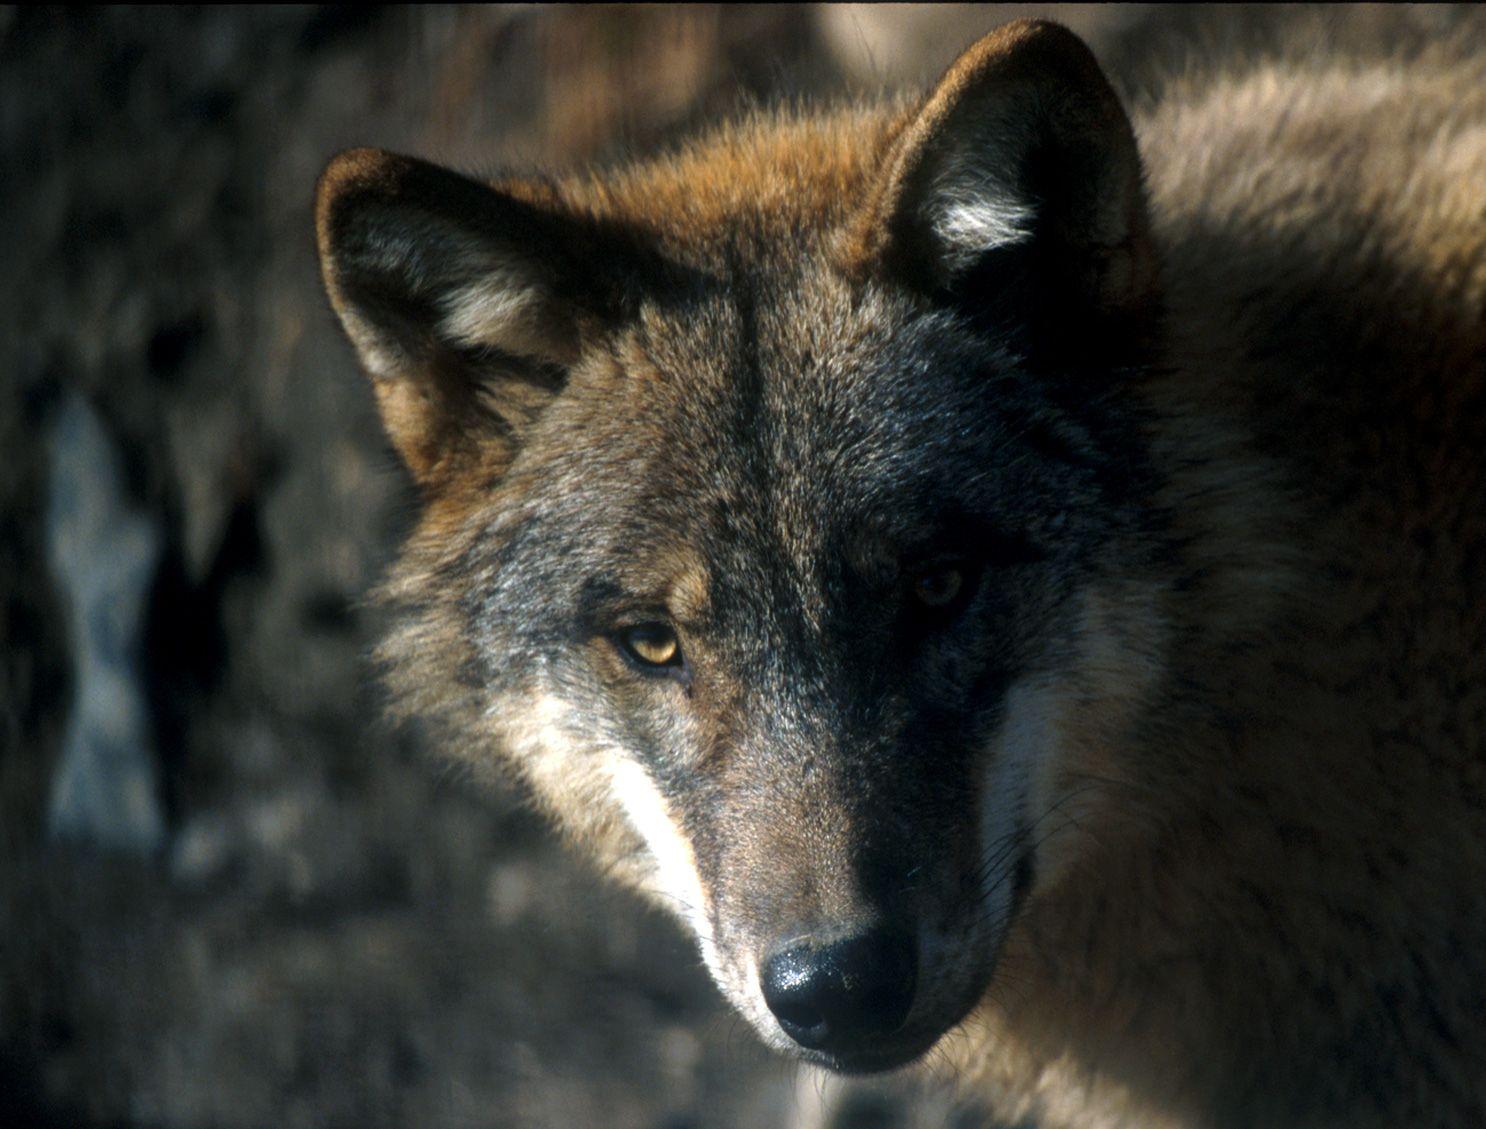 PARCO GRAN PARADISO - I lupi prendono casa nel Parco: avvistato un secondo branco